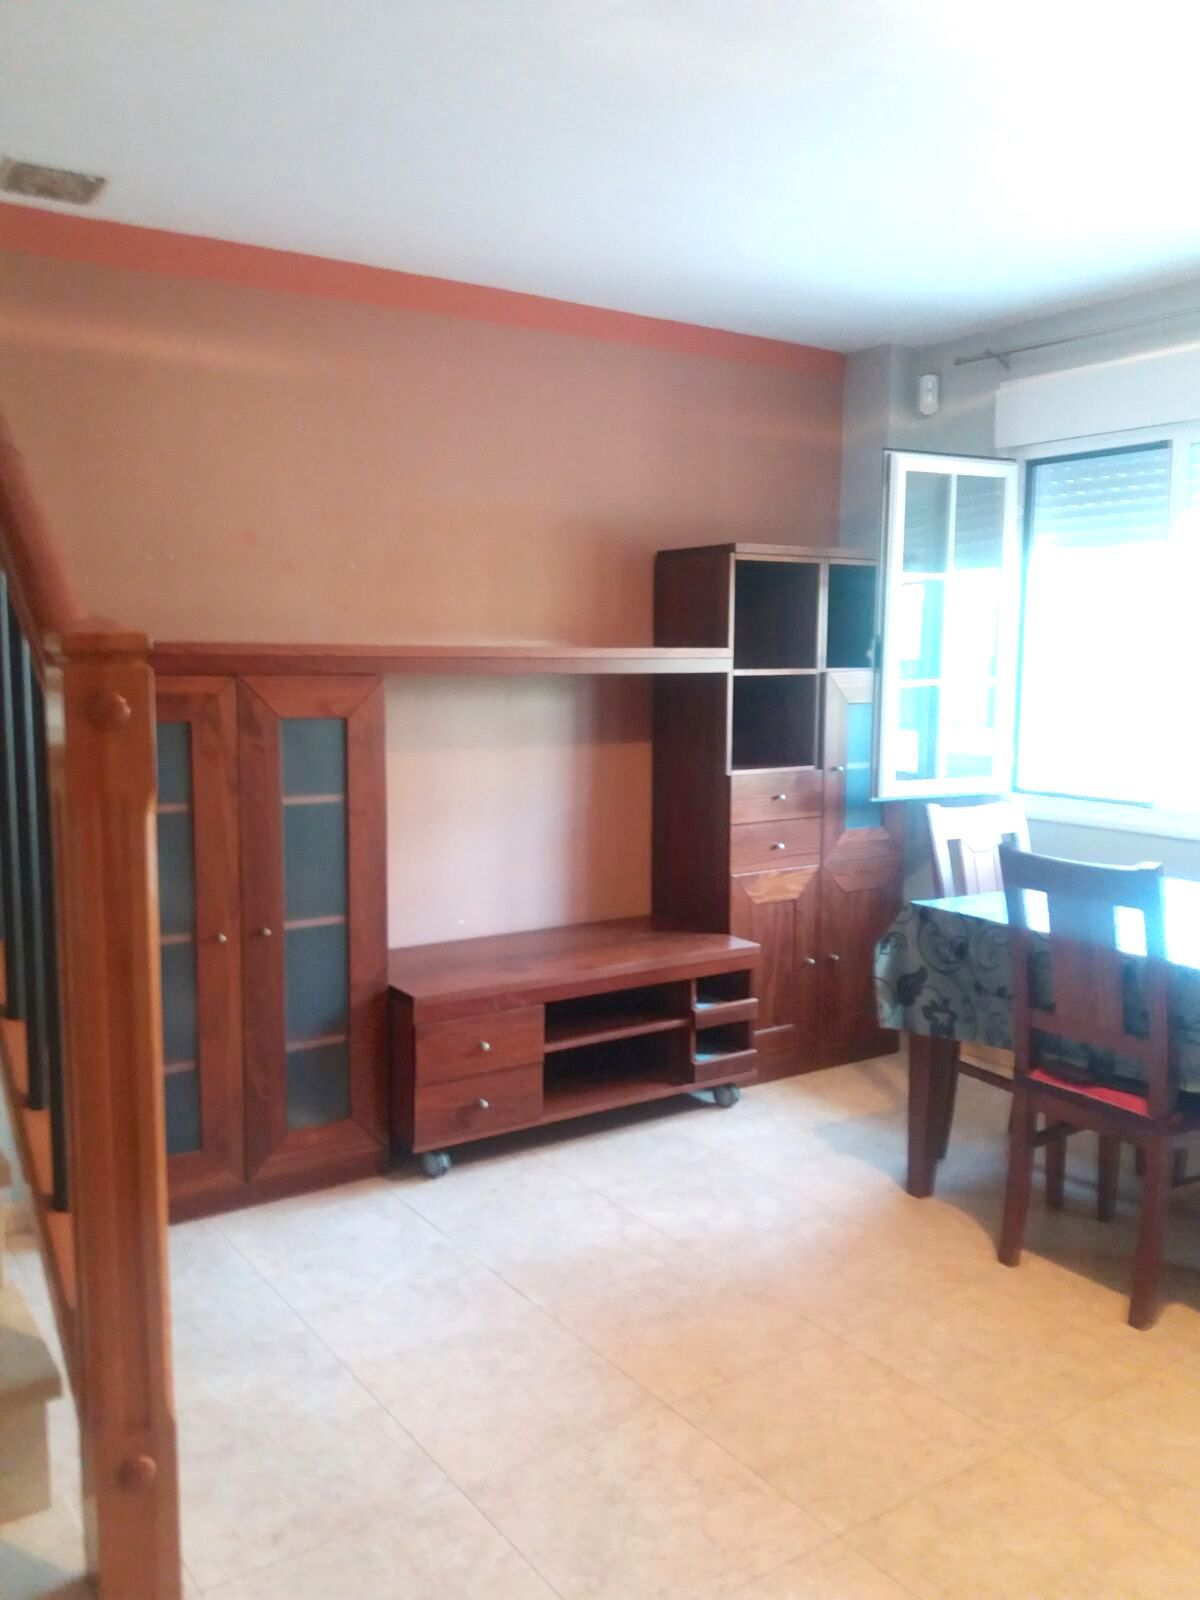 Alquiler Adosado En Zona Bulevar Cullera Alquiler De Adosado En  # Muebles Cullera